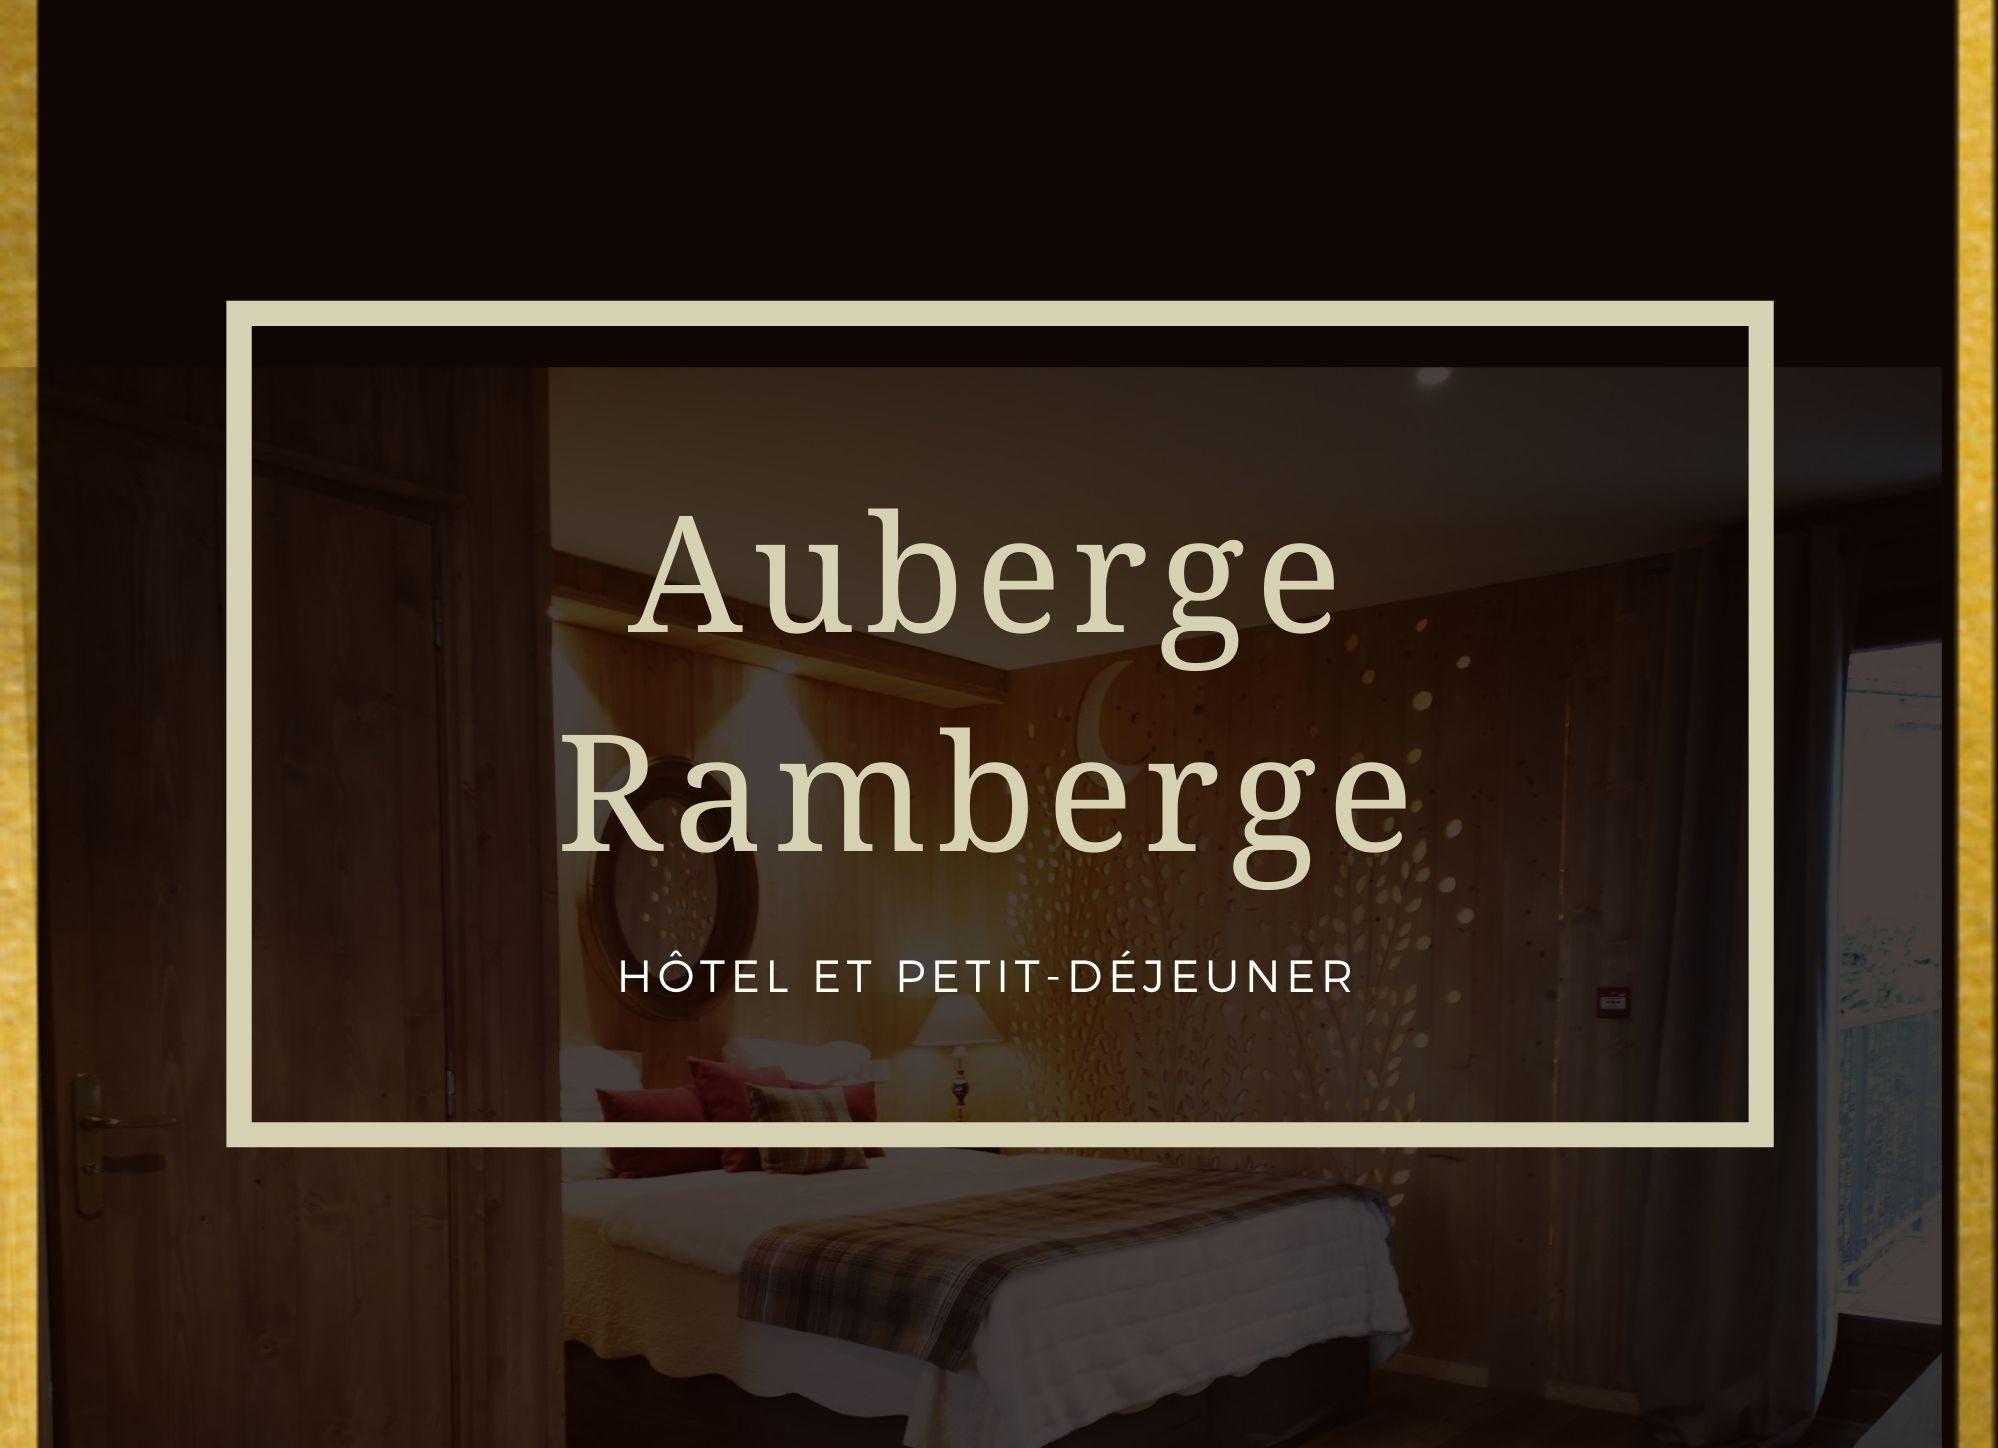 Auberge Ramberge